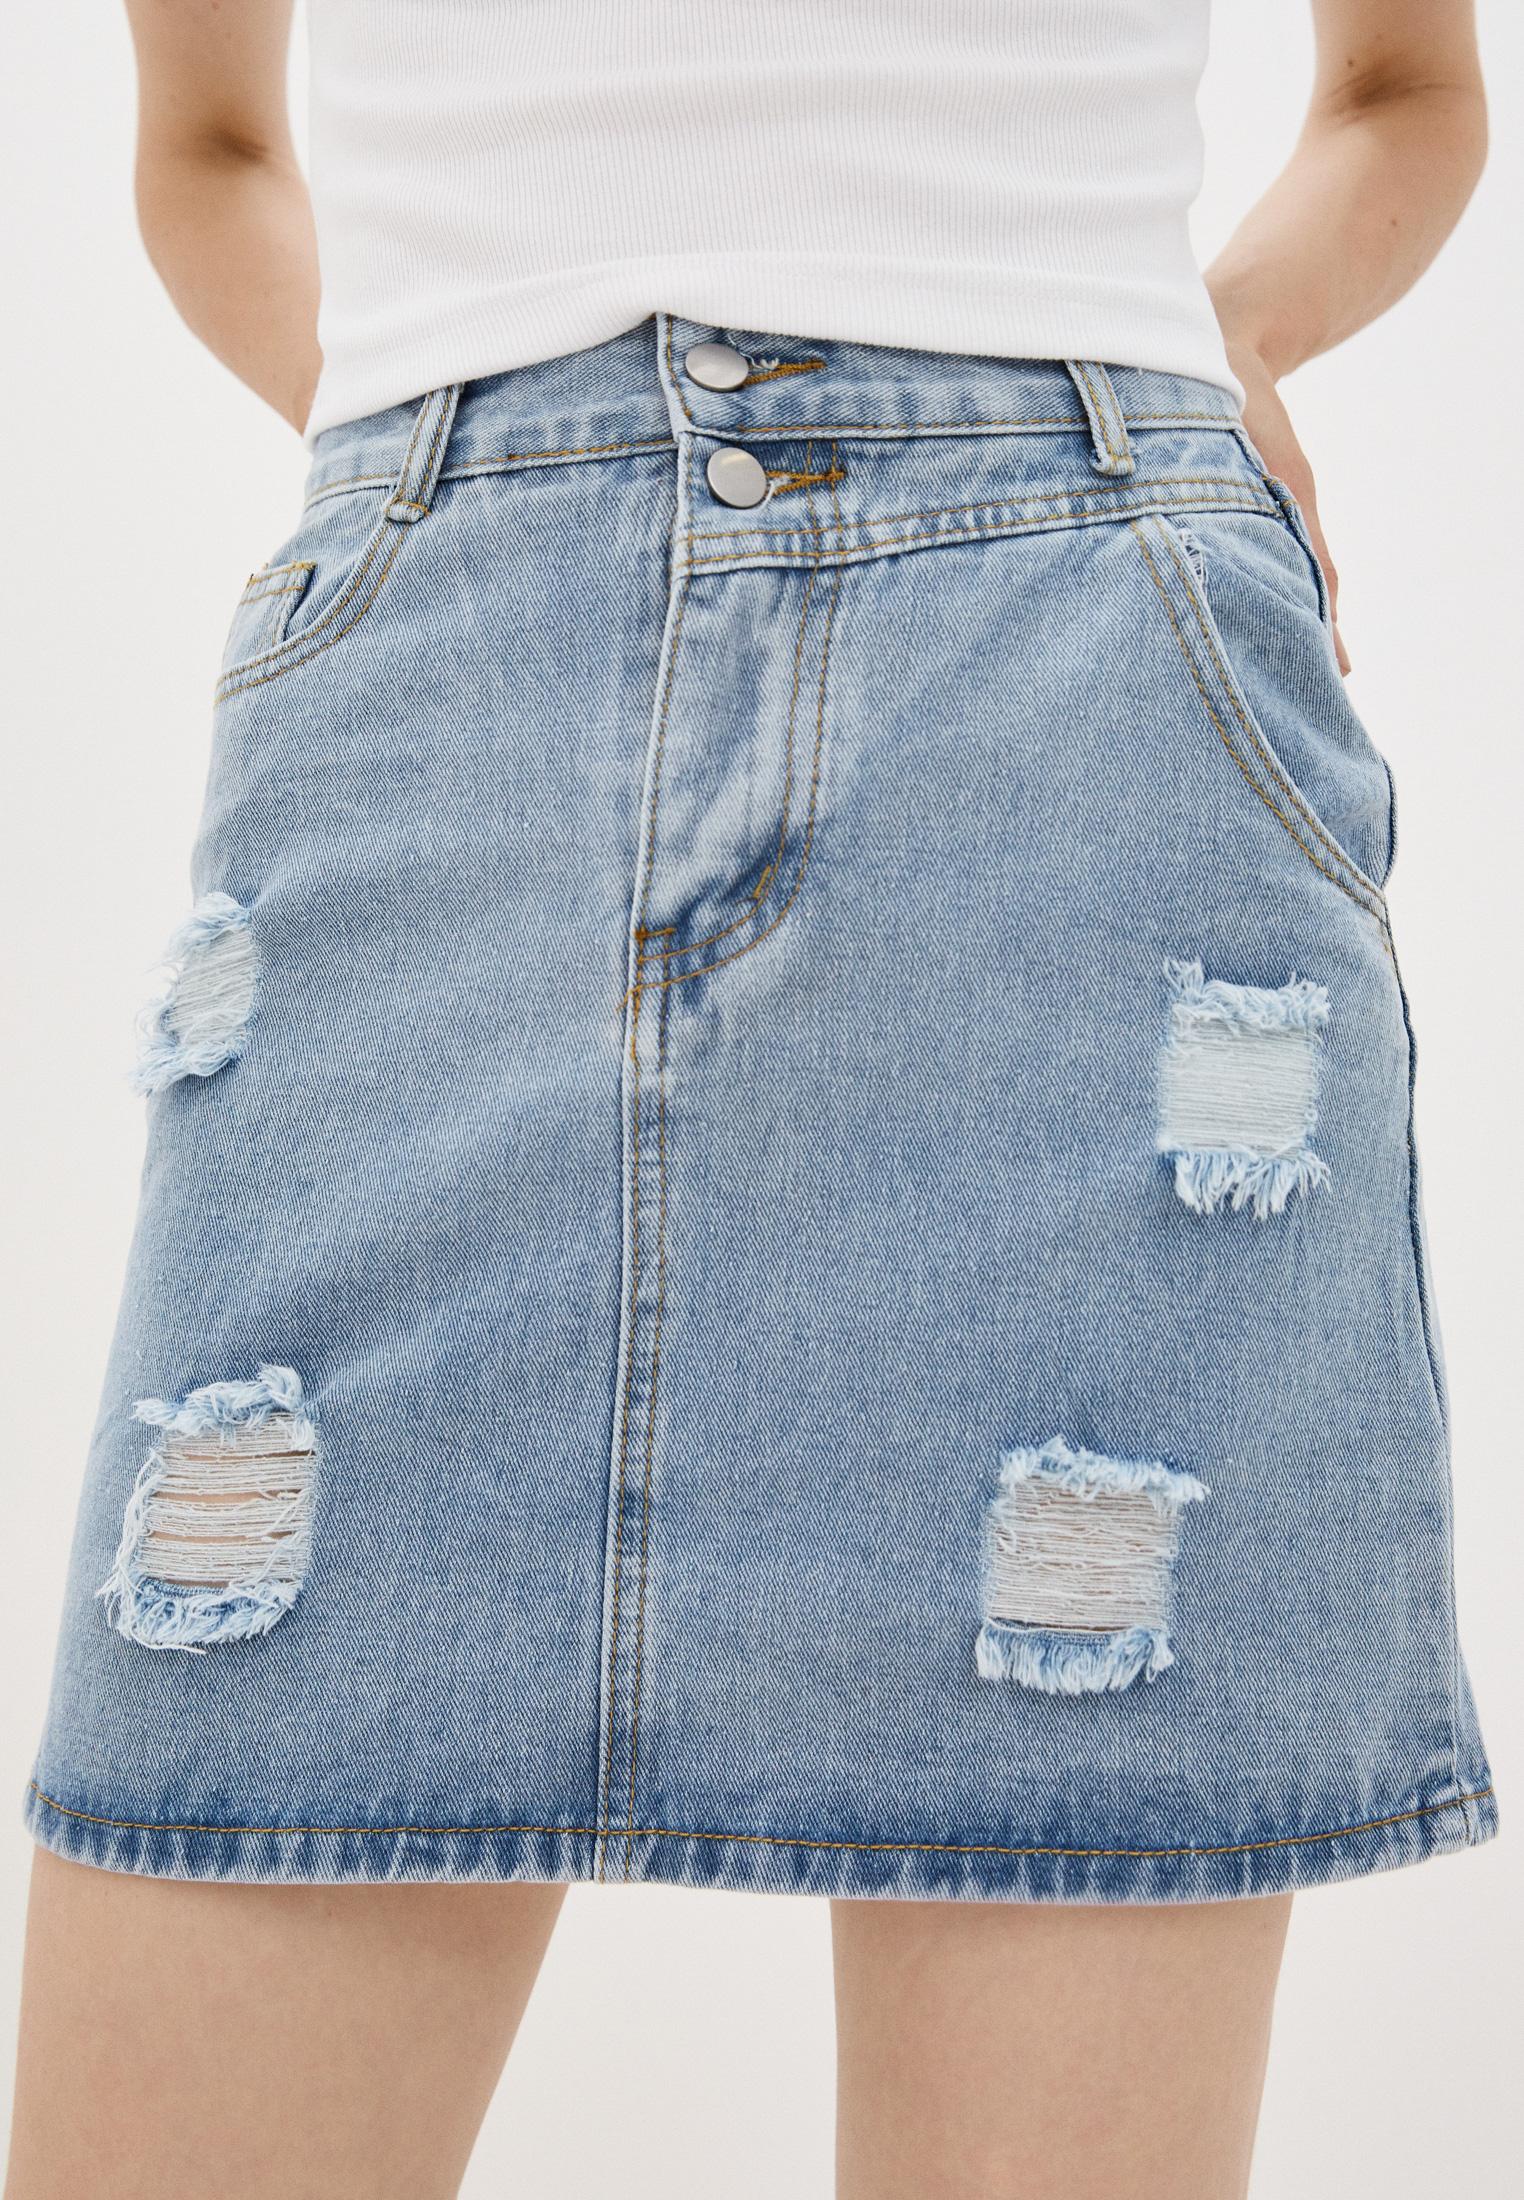 Джинсовая юбка Nerouge N518